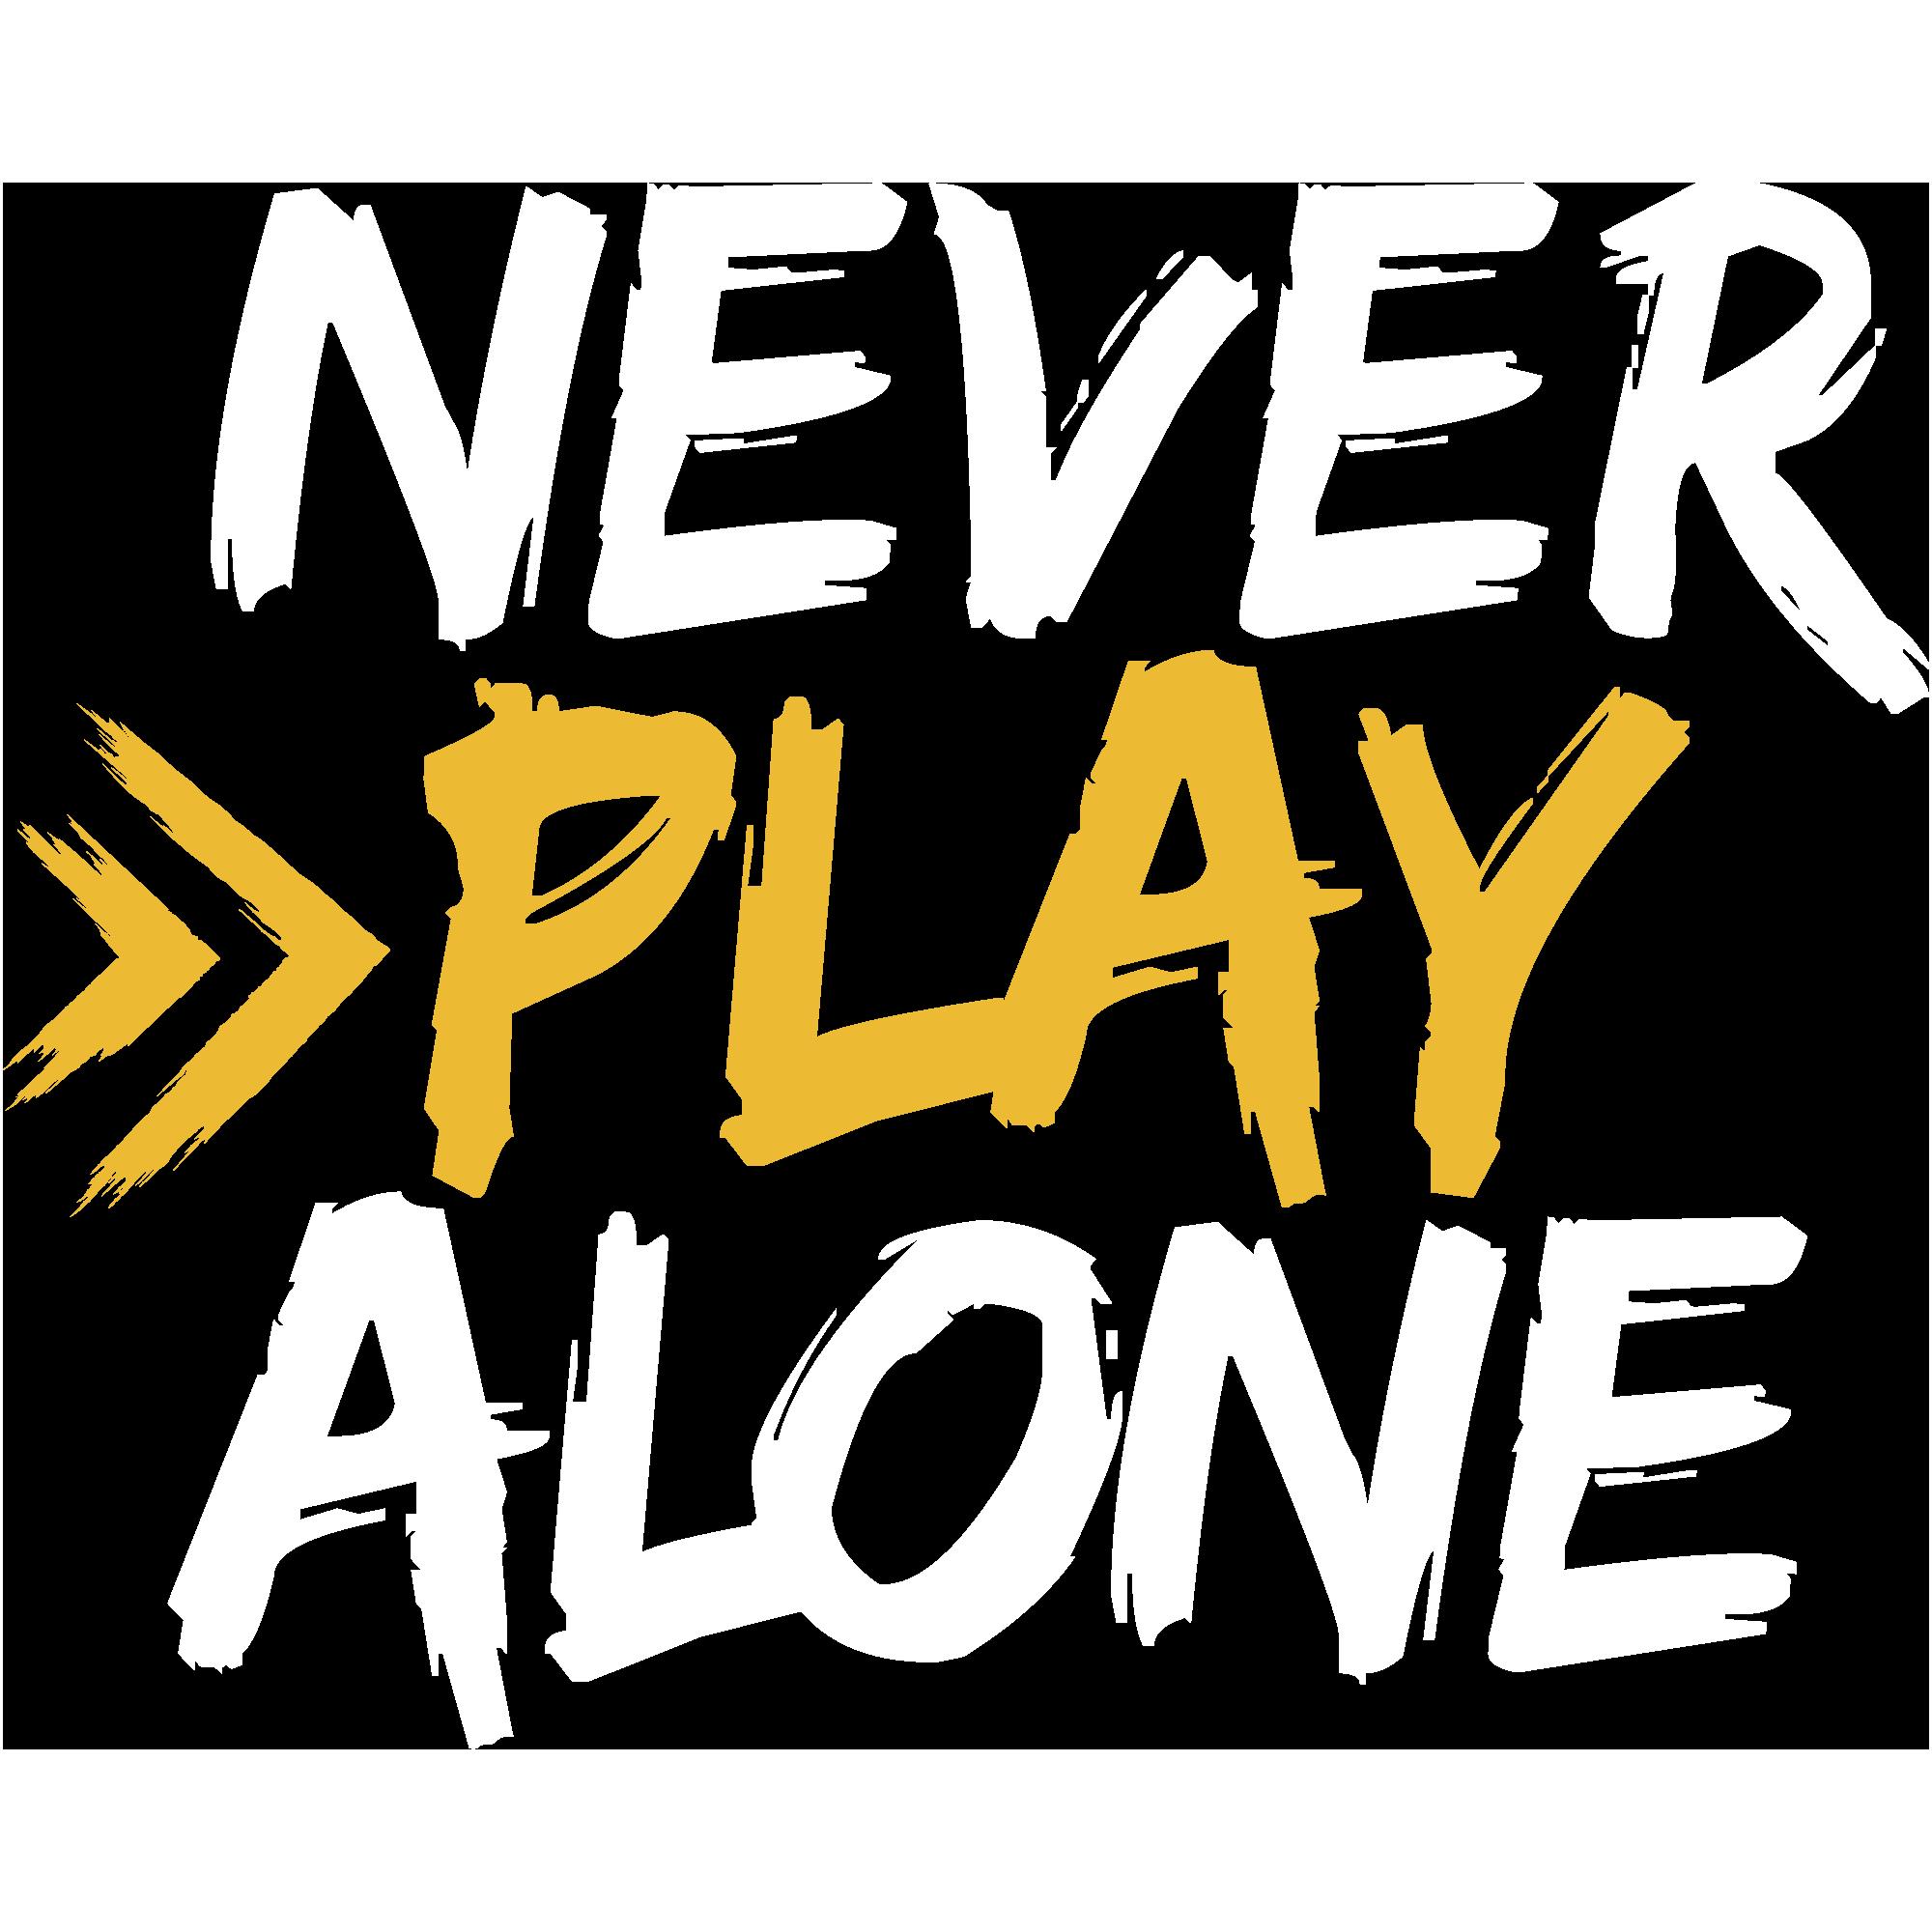 NeverPlayAloneLong_wht.gld_2kpx.2kpx.png